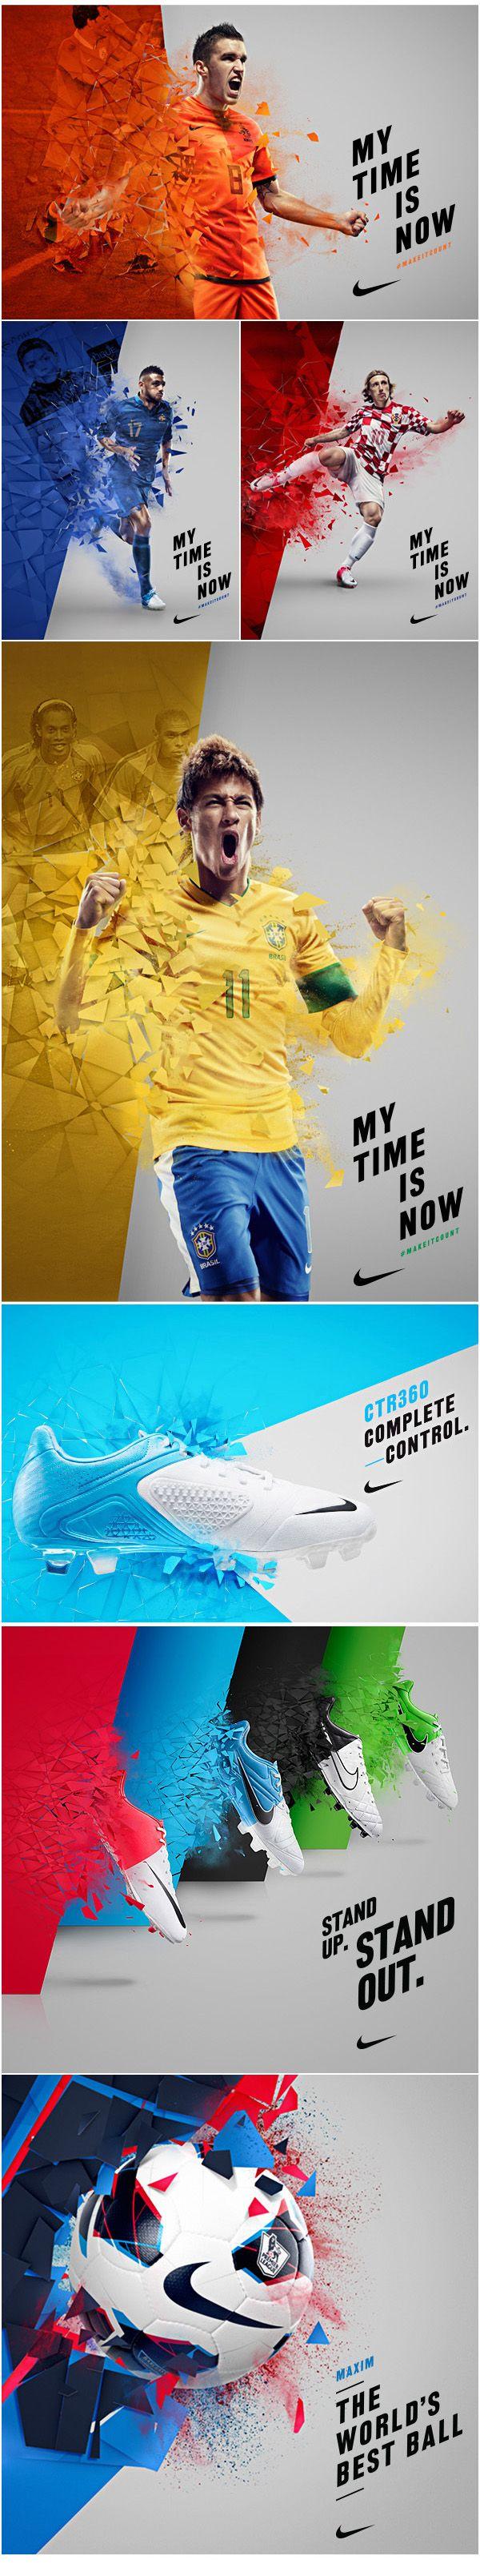 Nike Ad Canpaign